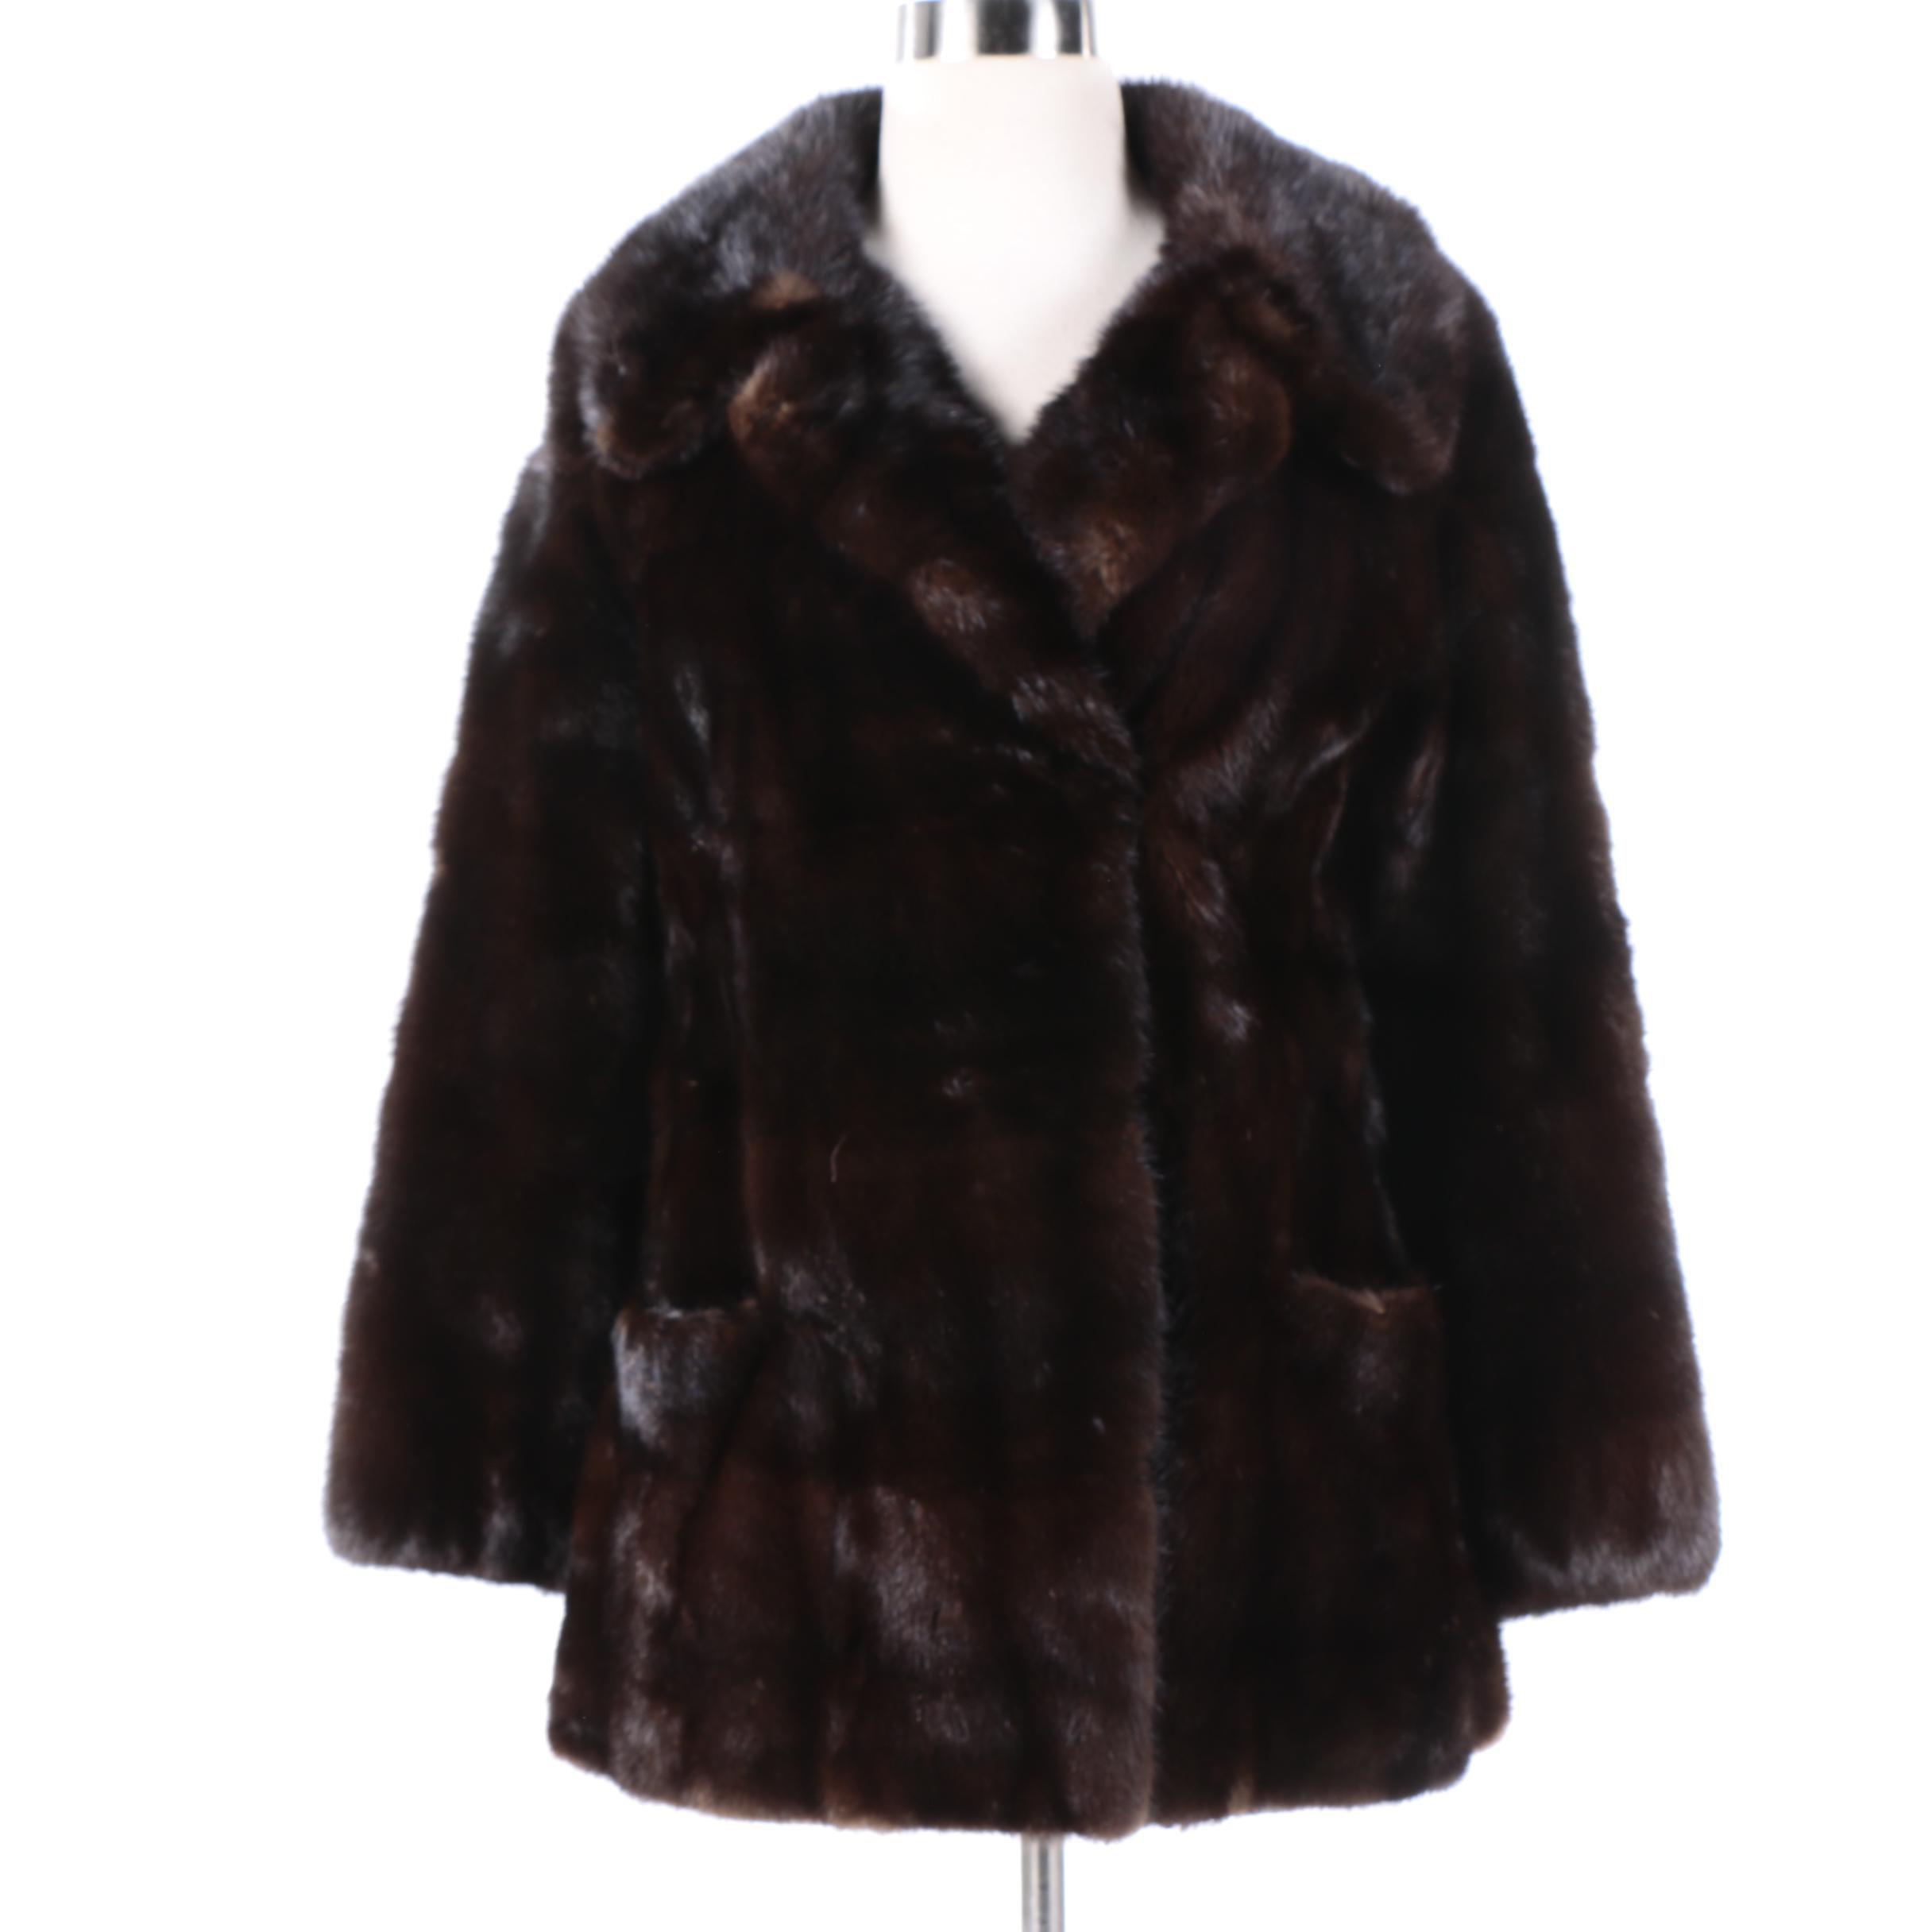 Women's Vintage Neiman Marcus Mink Fur Coat